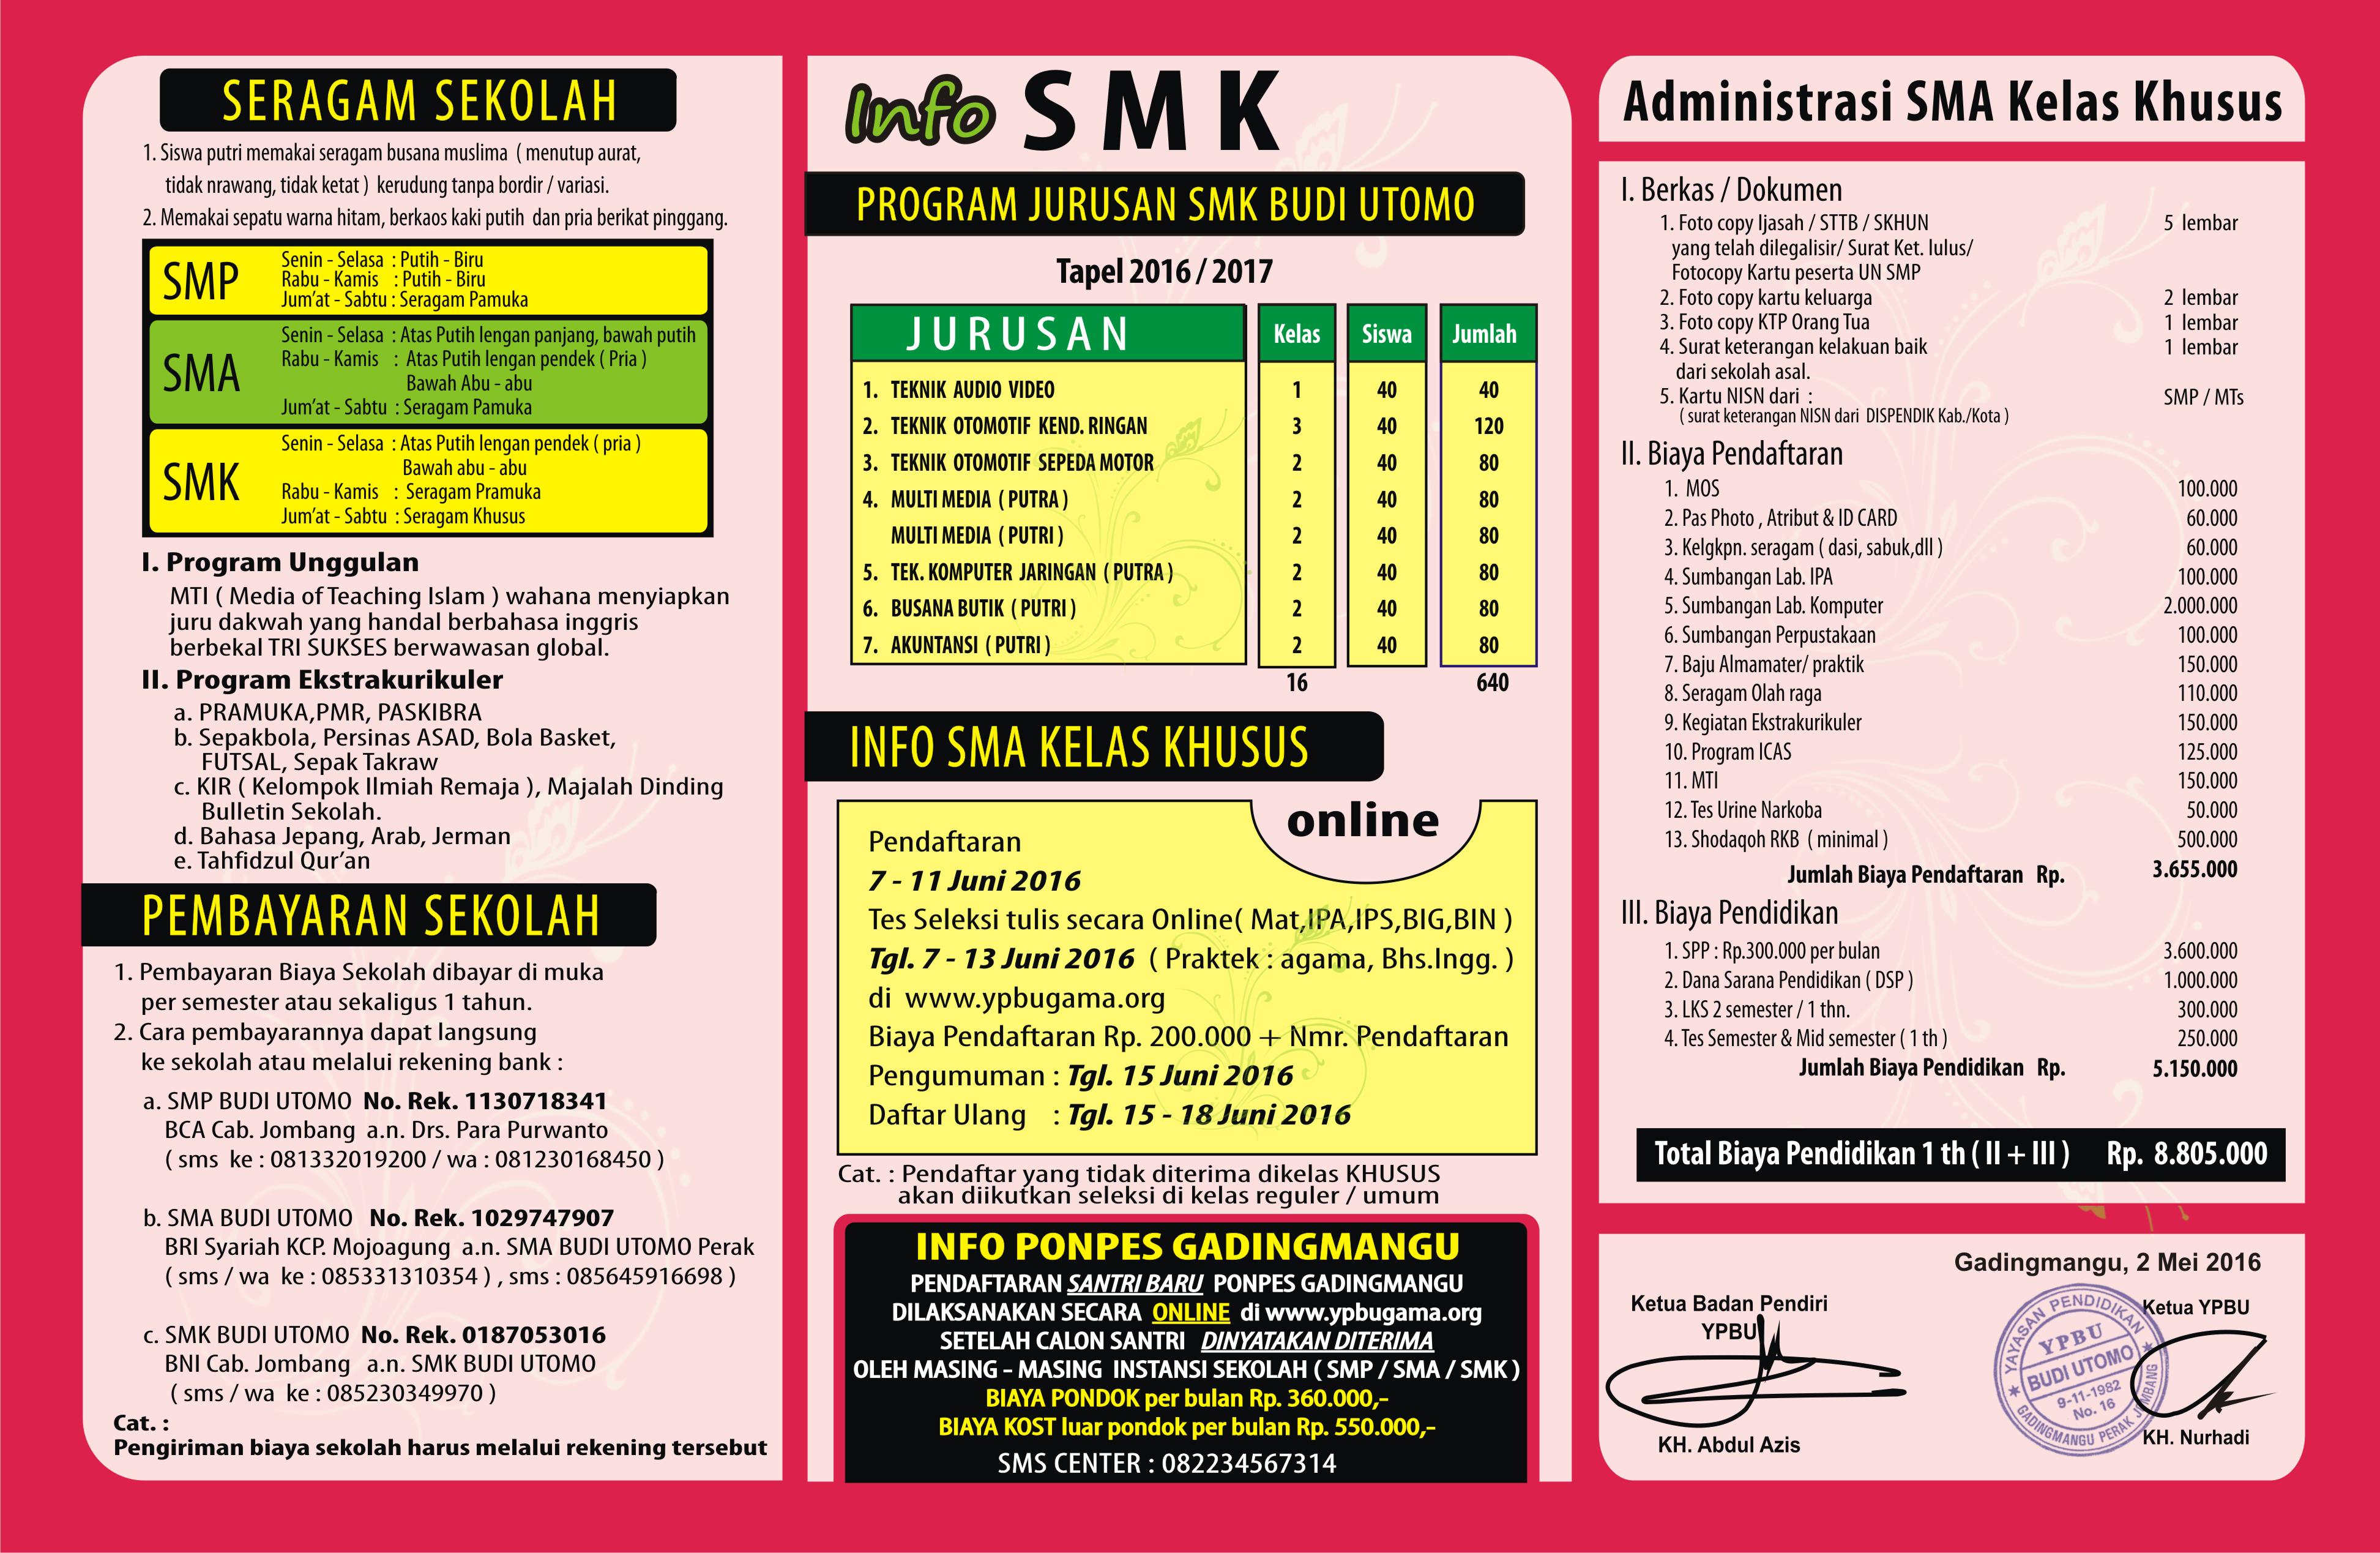 Brosur SMK Budi Utomo Belakang